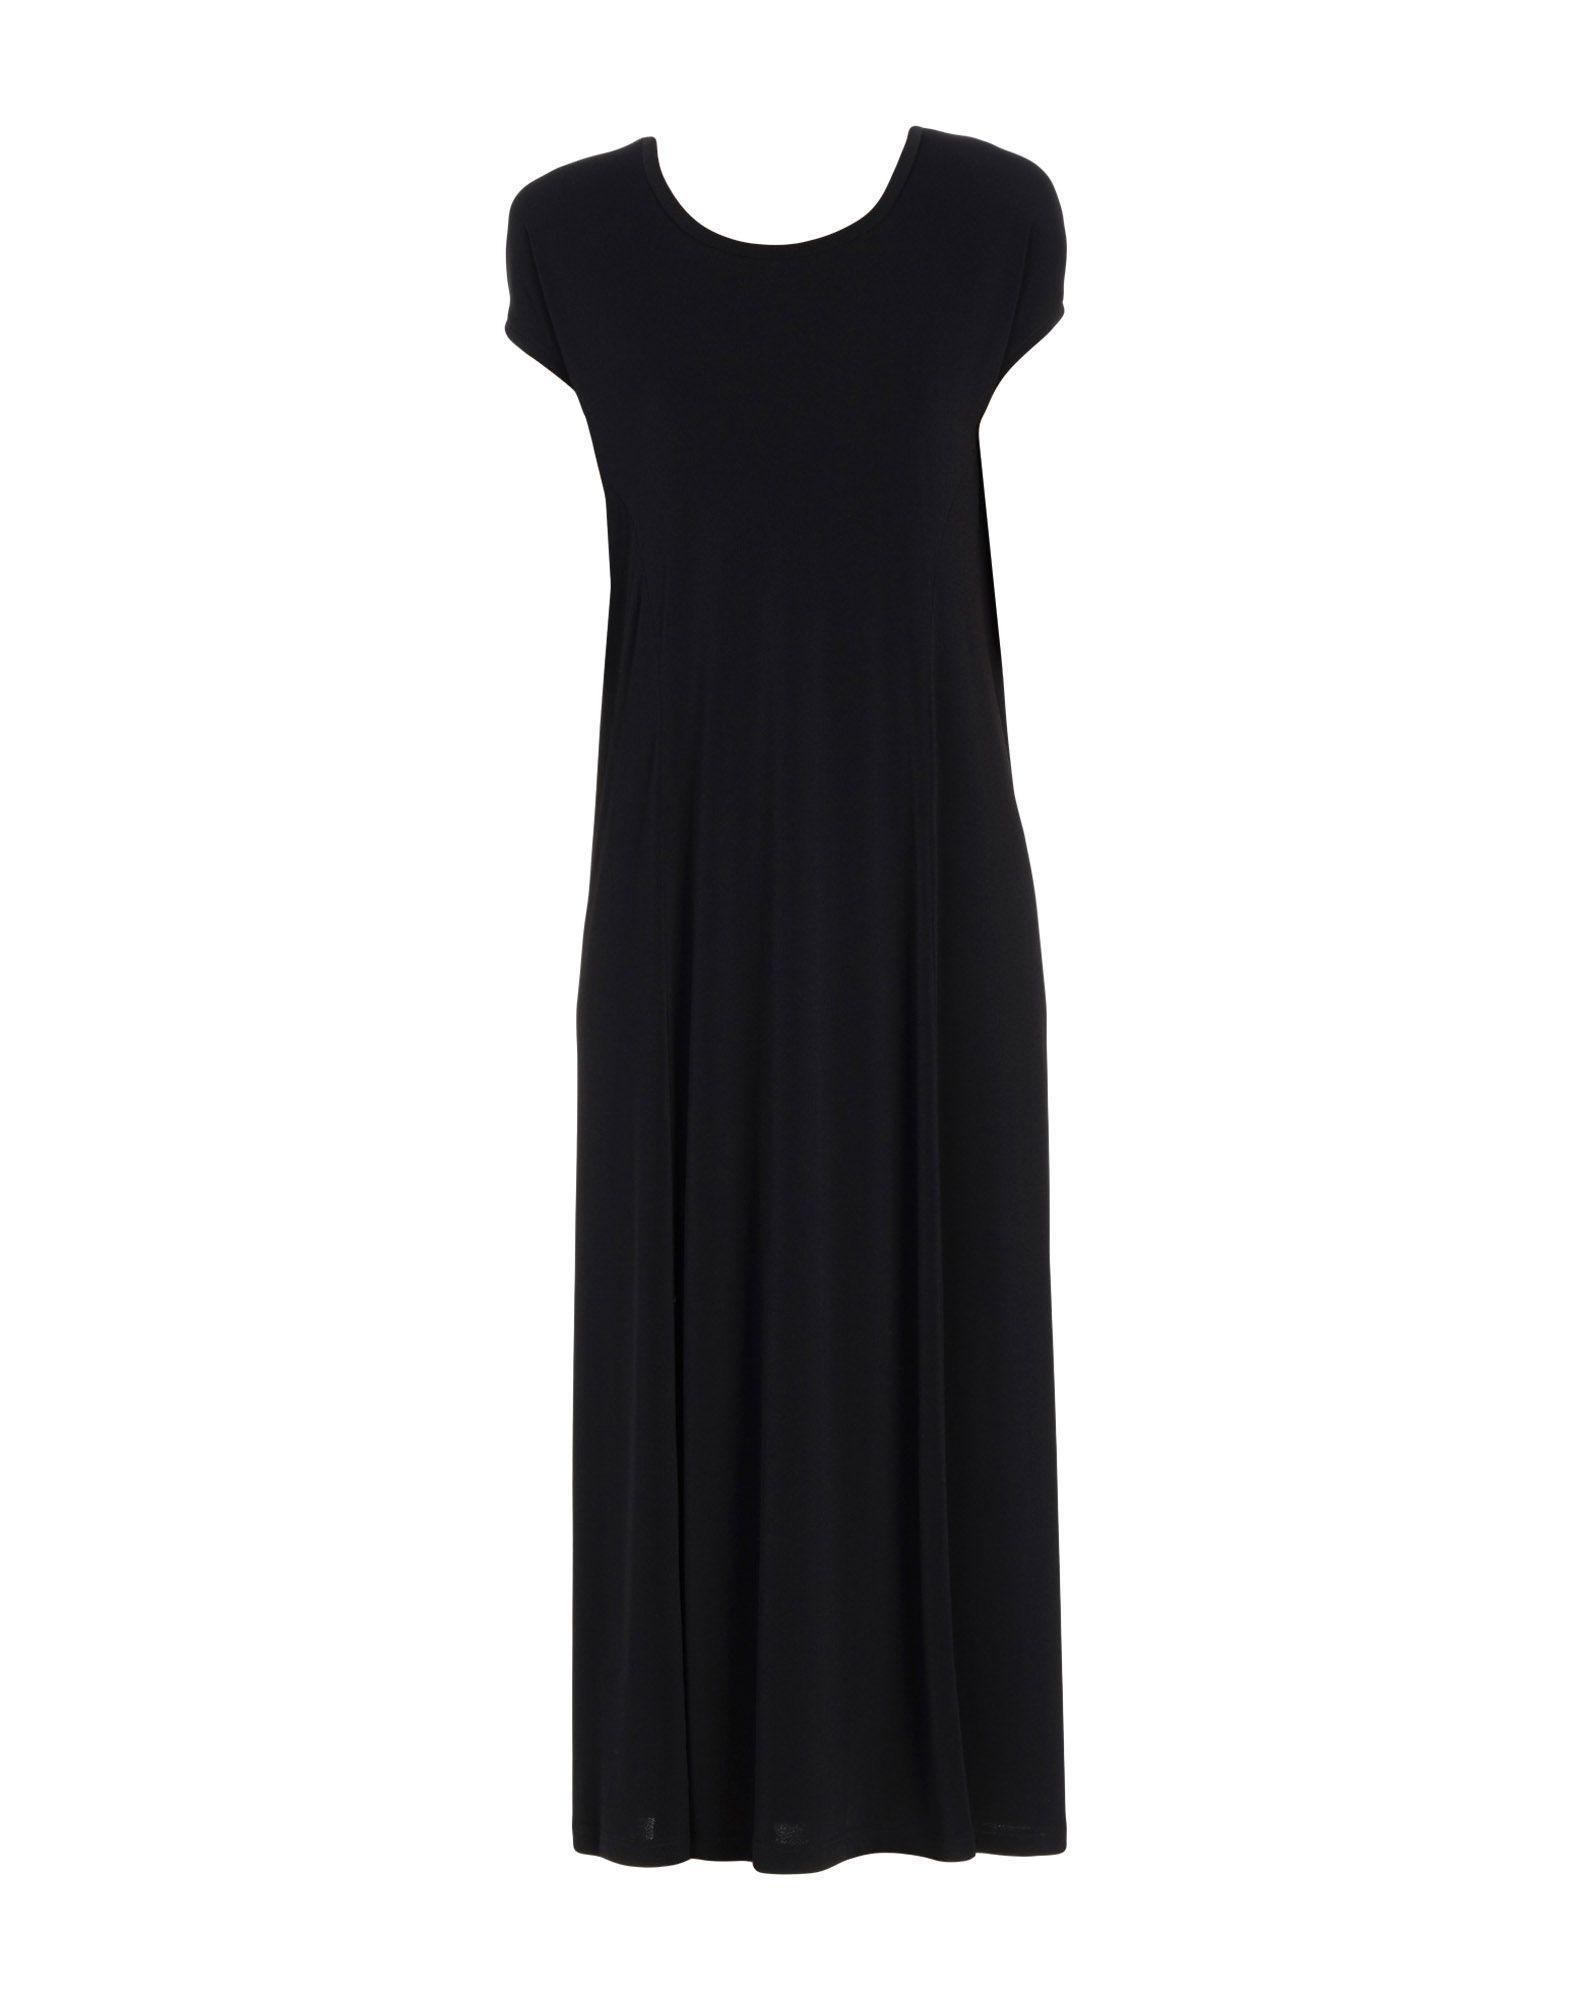 Clearance The Cheapest DRESSES - 3/4 length dresses Crea Concept Discounts Sale Online Enjoy For Sale HaEzq2VK6